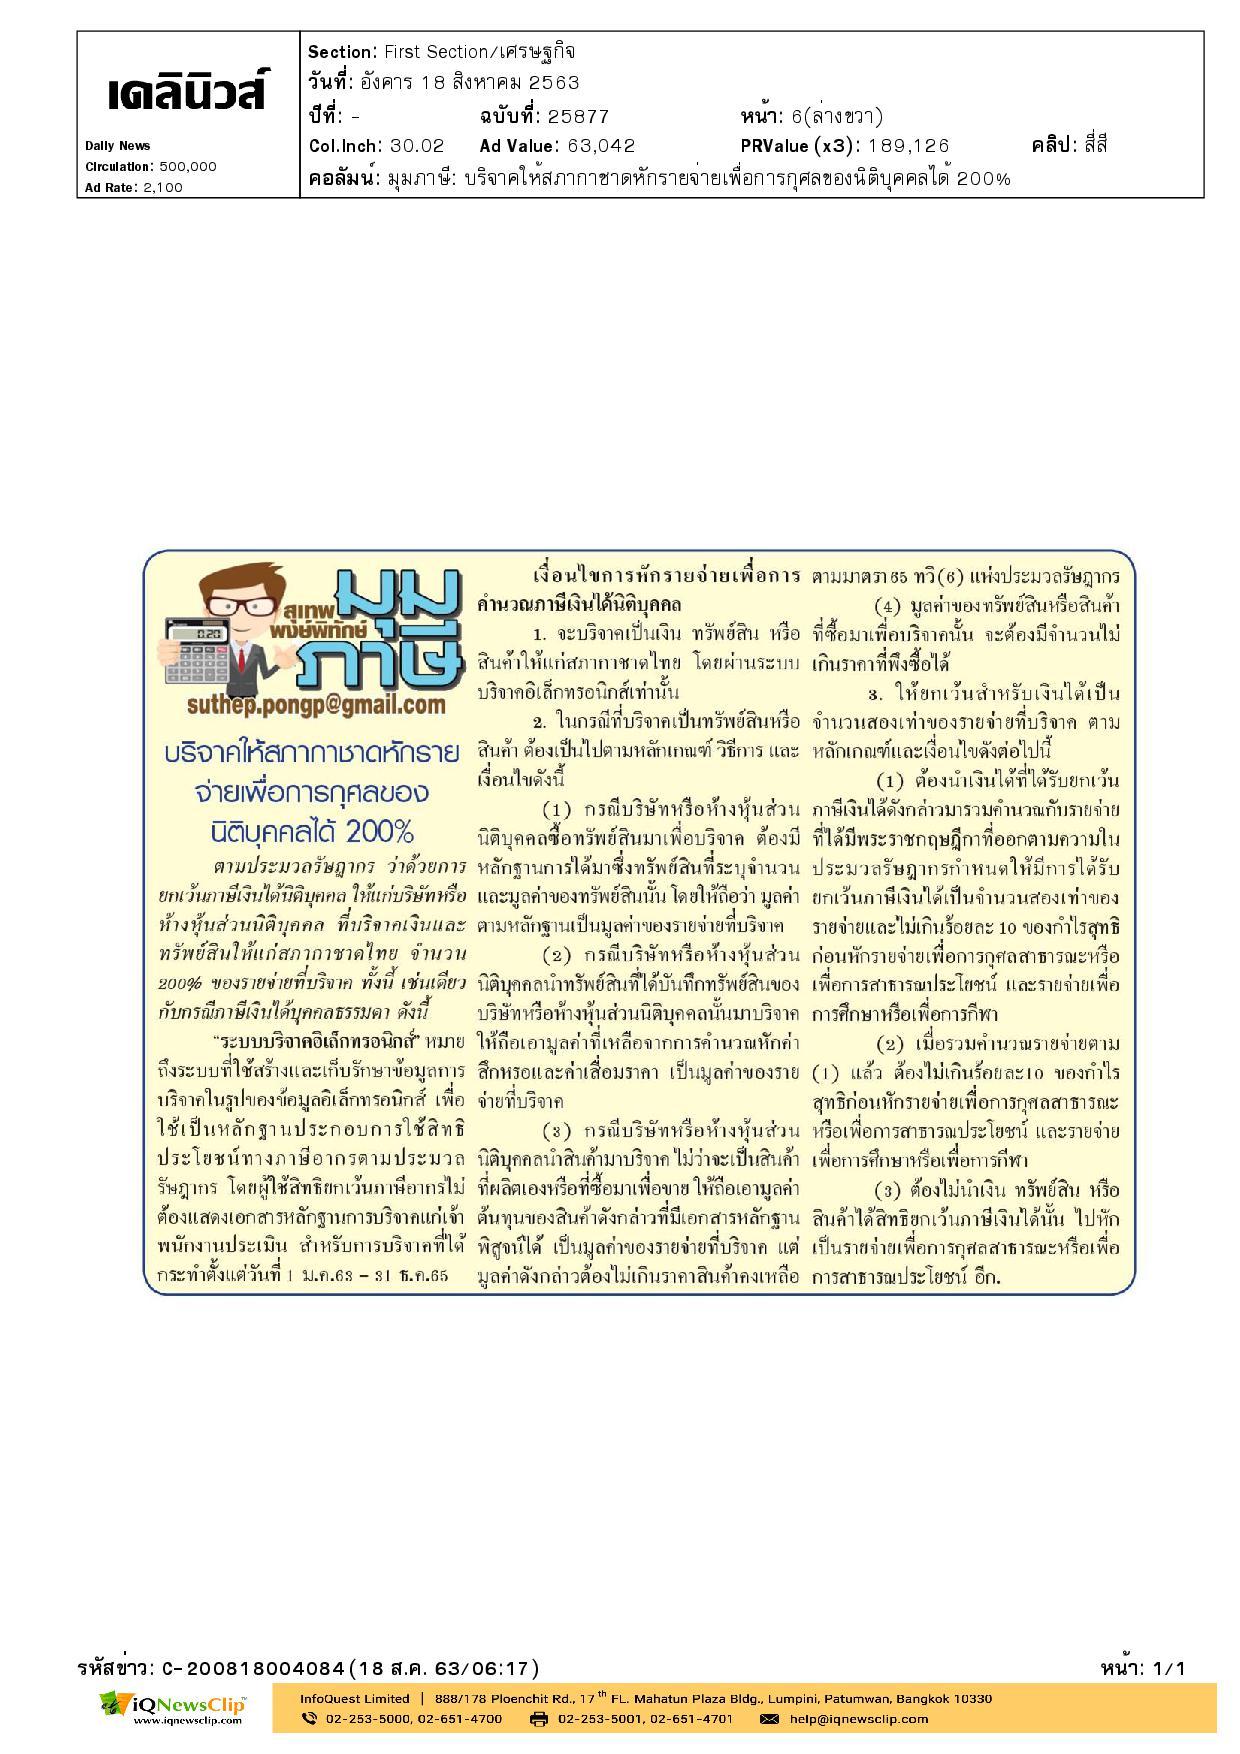 บริจาคให้สภากาชาดไทย สามารถหักลดหย่อนภาษีได้ 200%